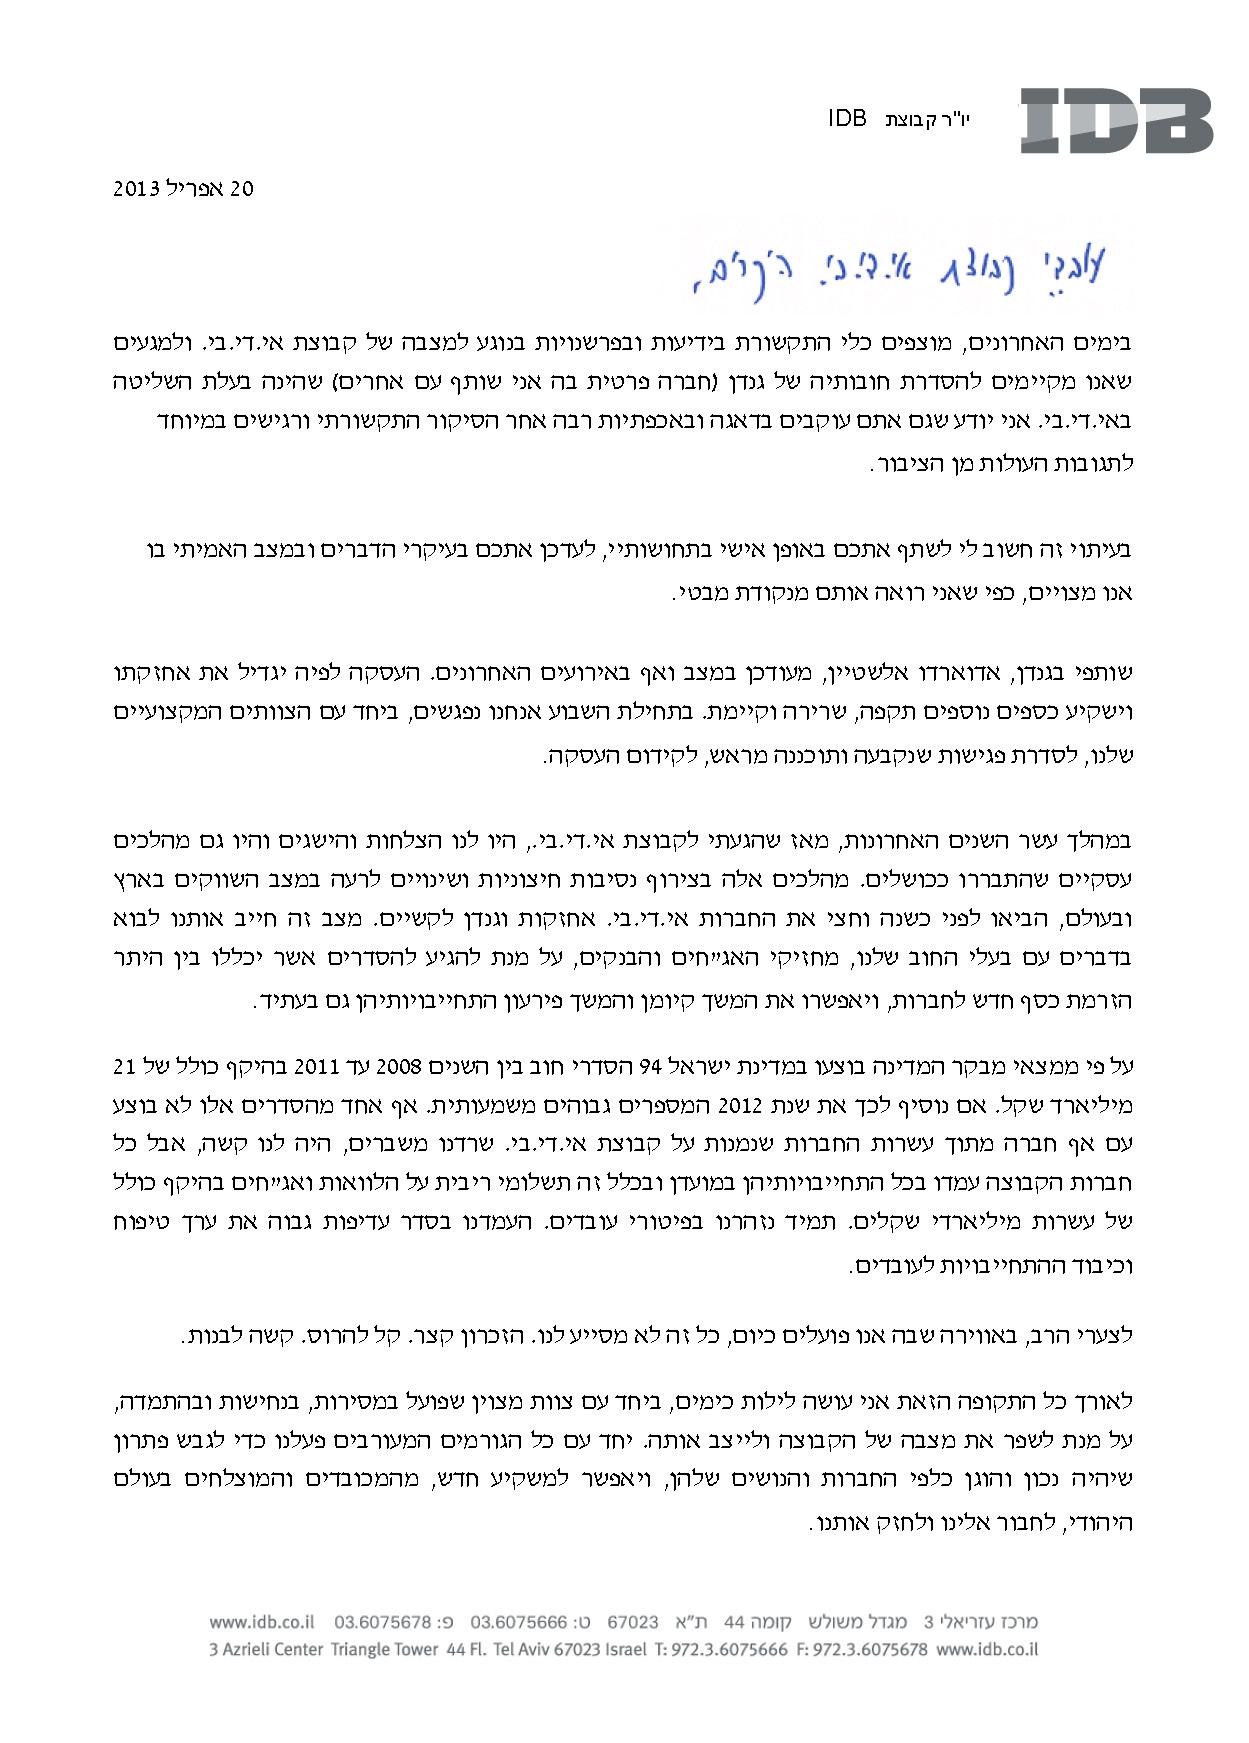 דלף לרשת: המכתב של נוחי דנקנר לעובדי IDB